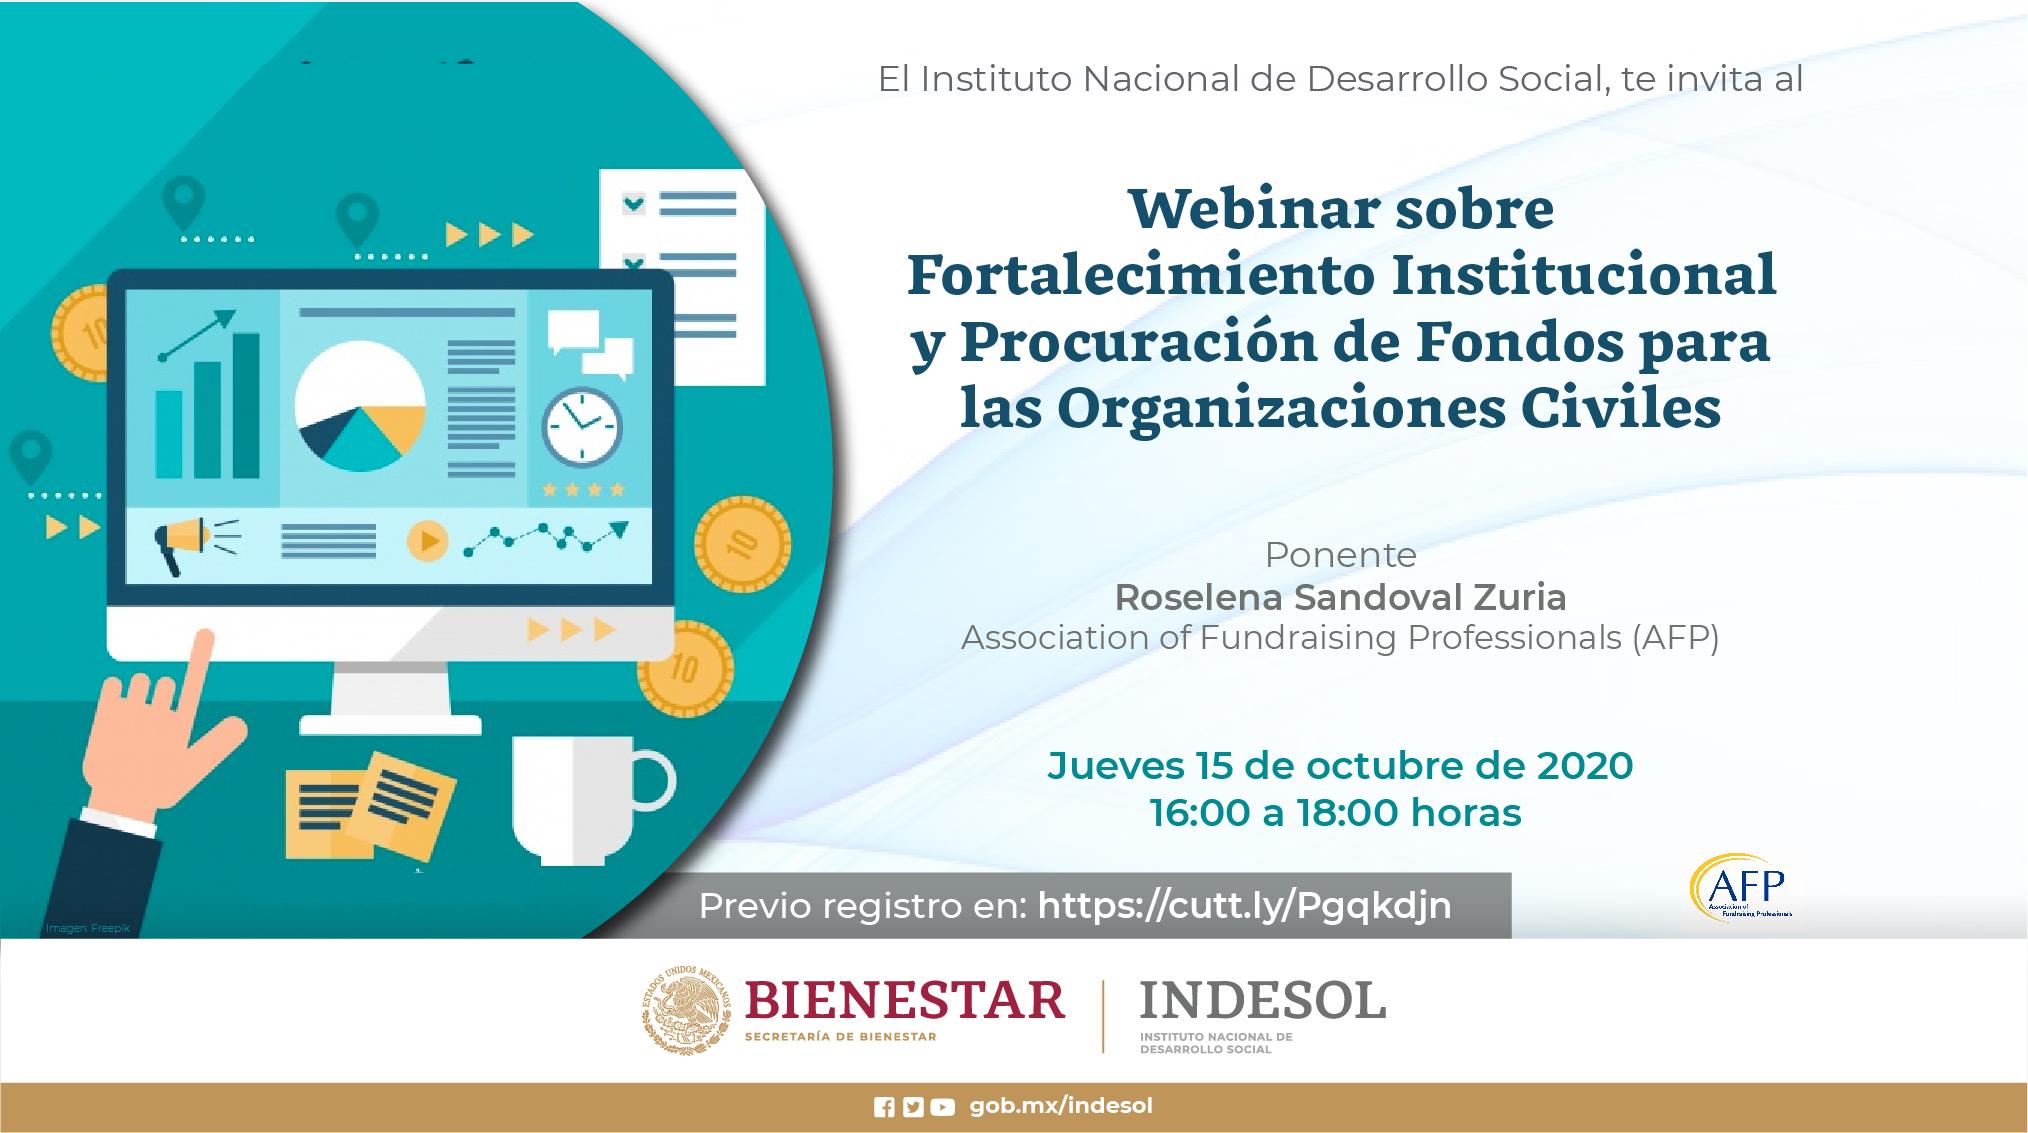 Webinar sobre Fortalecimiento Institucional y Procuración de Fondos para las Organizaciones Civiles